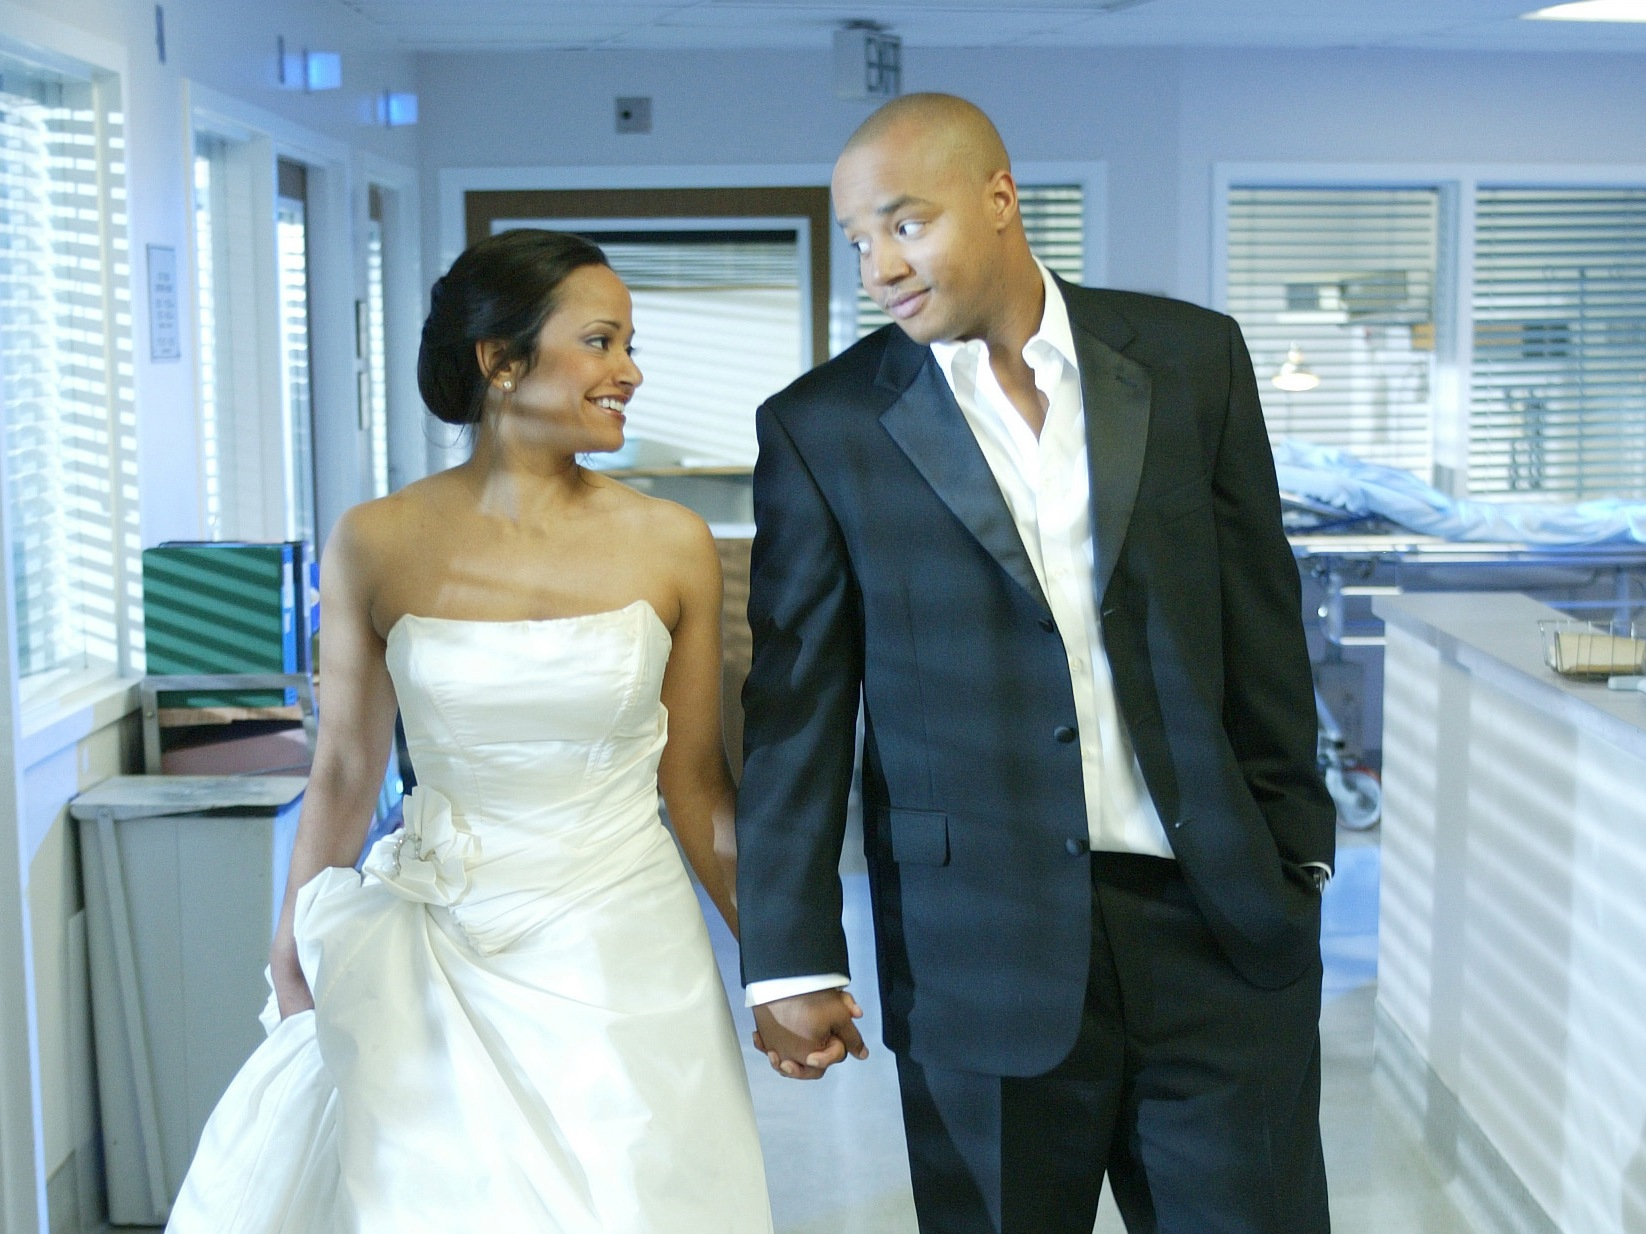 Best Wedding Movies.Scrubs Wedding Turk And Carla Scrubs Wedding Movie Wedding